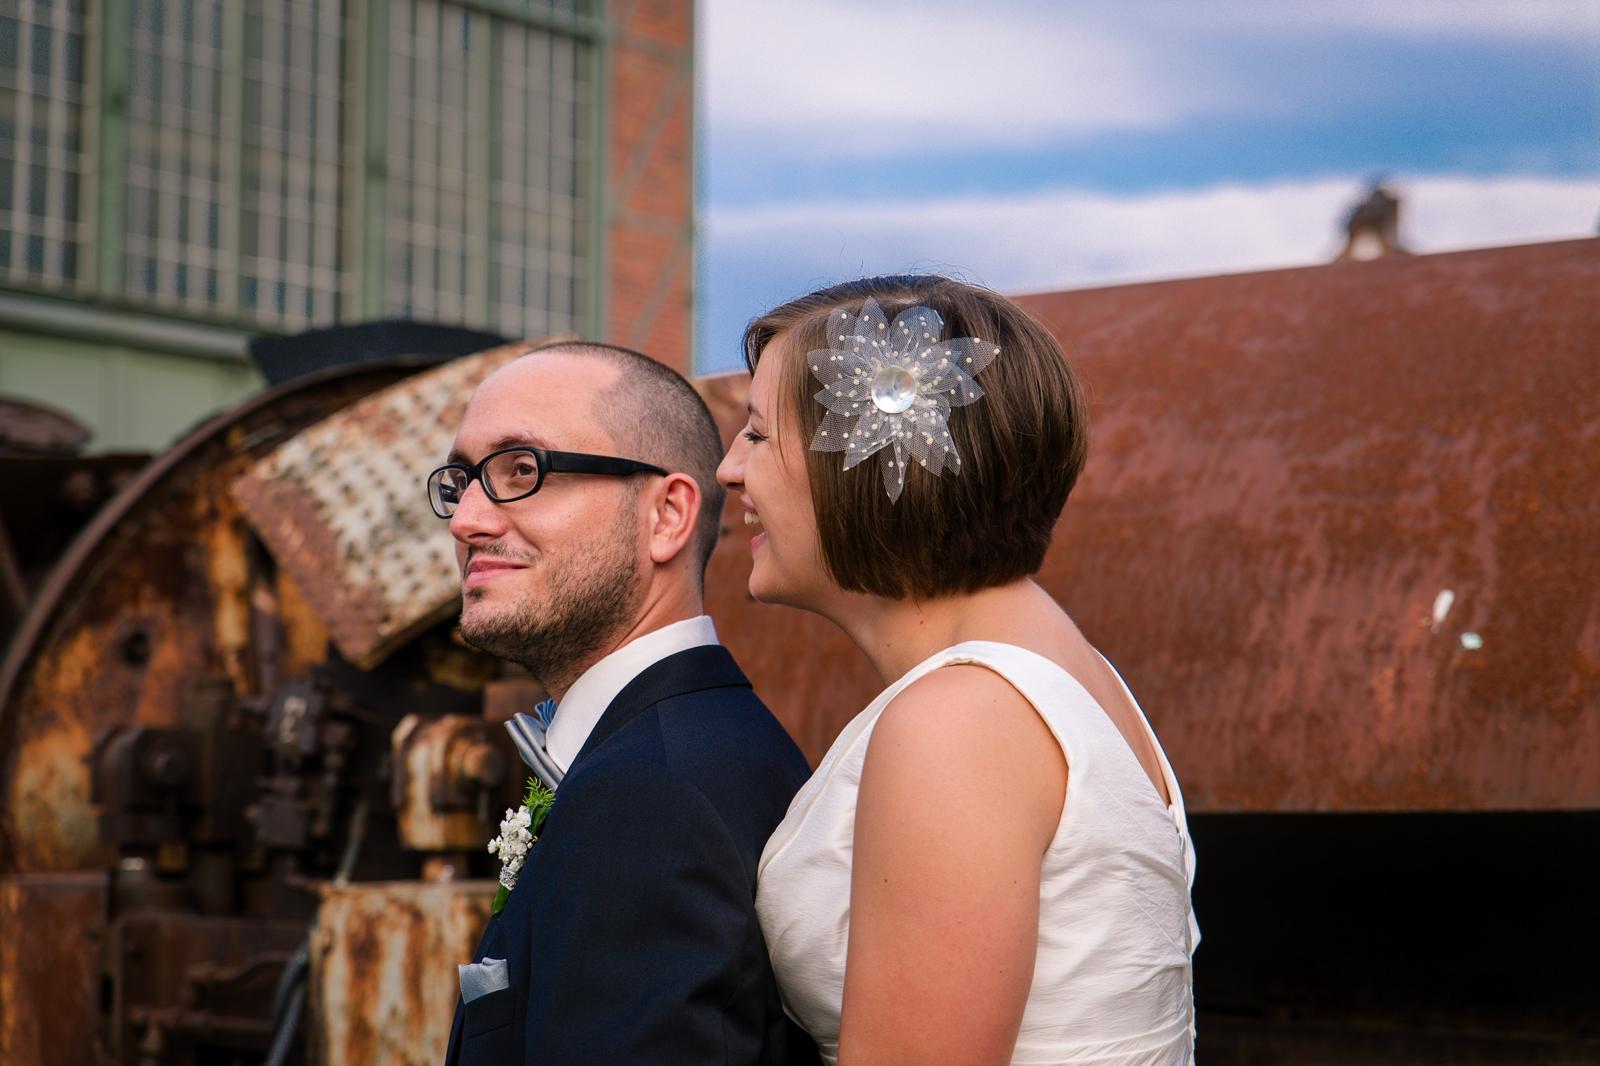 Monstergraphie_Hochzeitsreportage_Dortmund_Zeche_Zollern25.jpg?fit=1600%2C1066